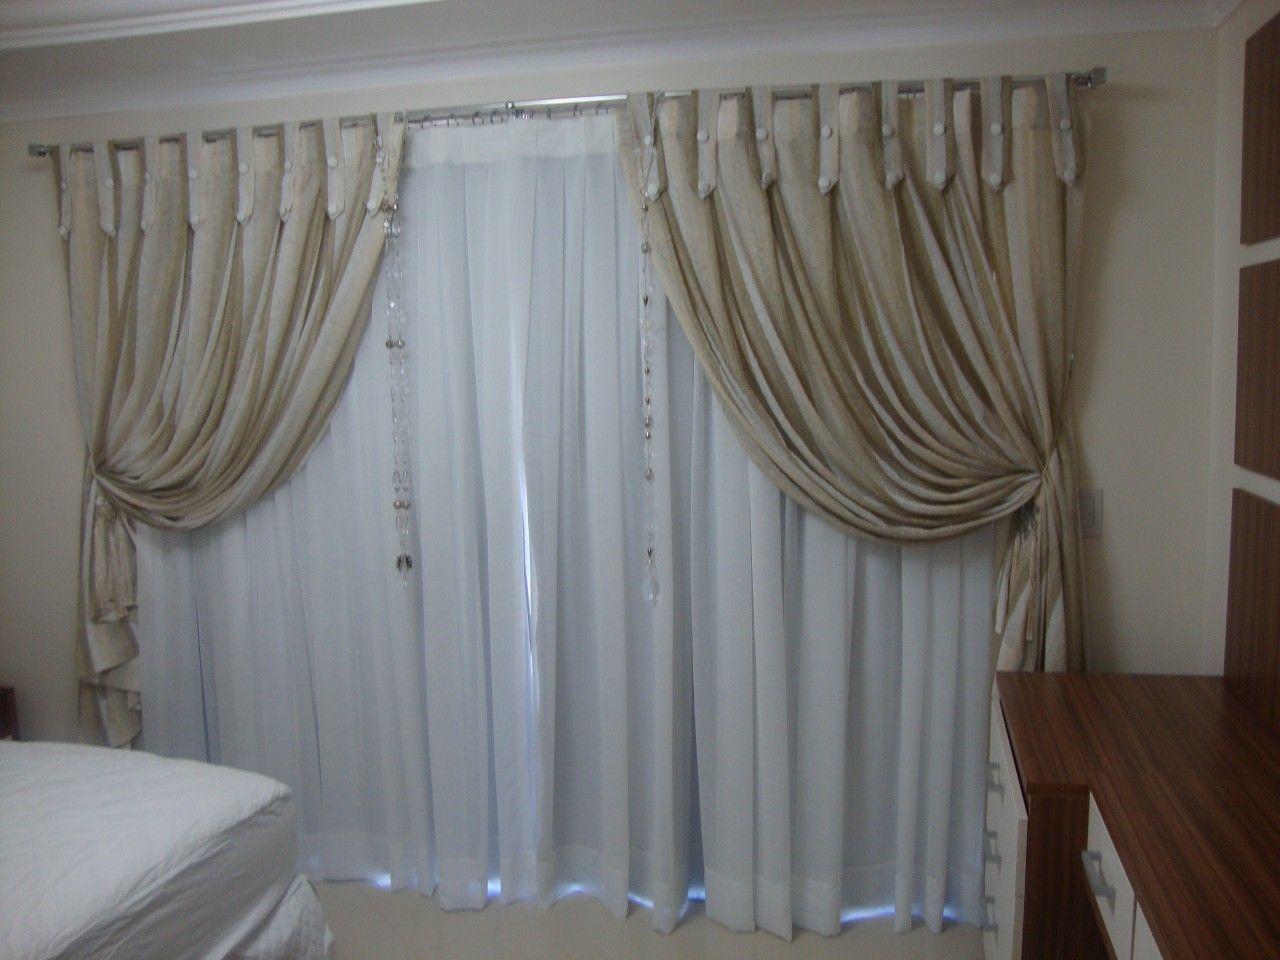 cortinas para quarto  Pesquisa Google  Cortinados  Pinterest  Quartos and